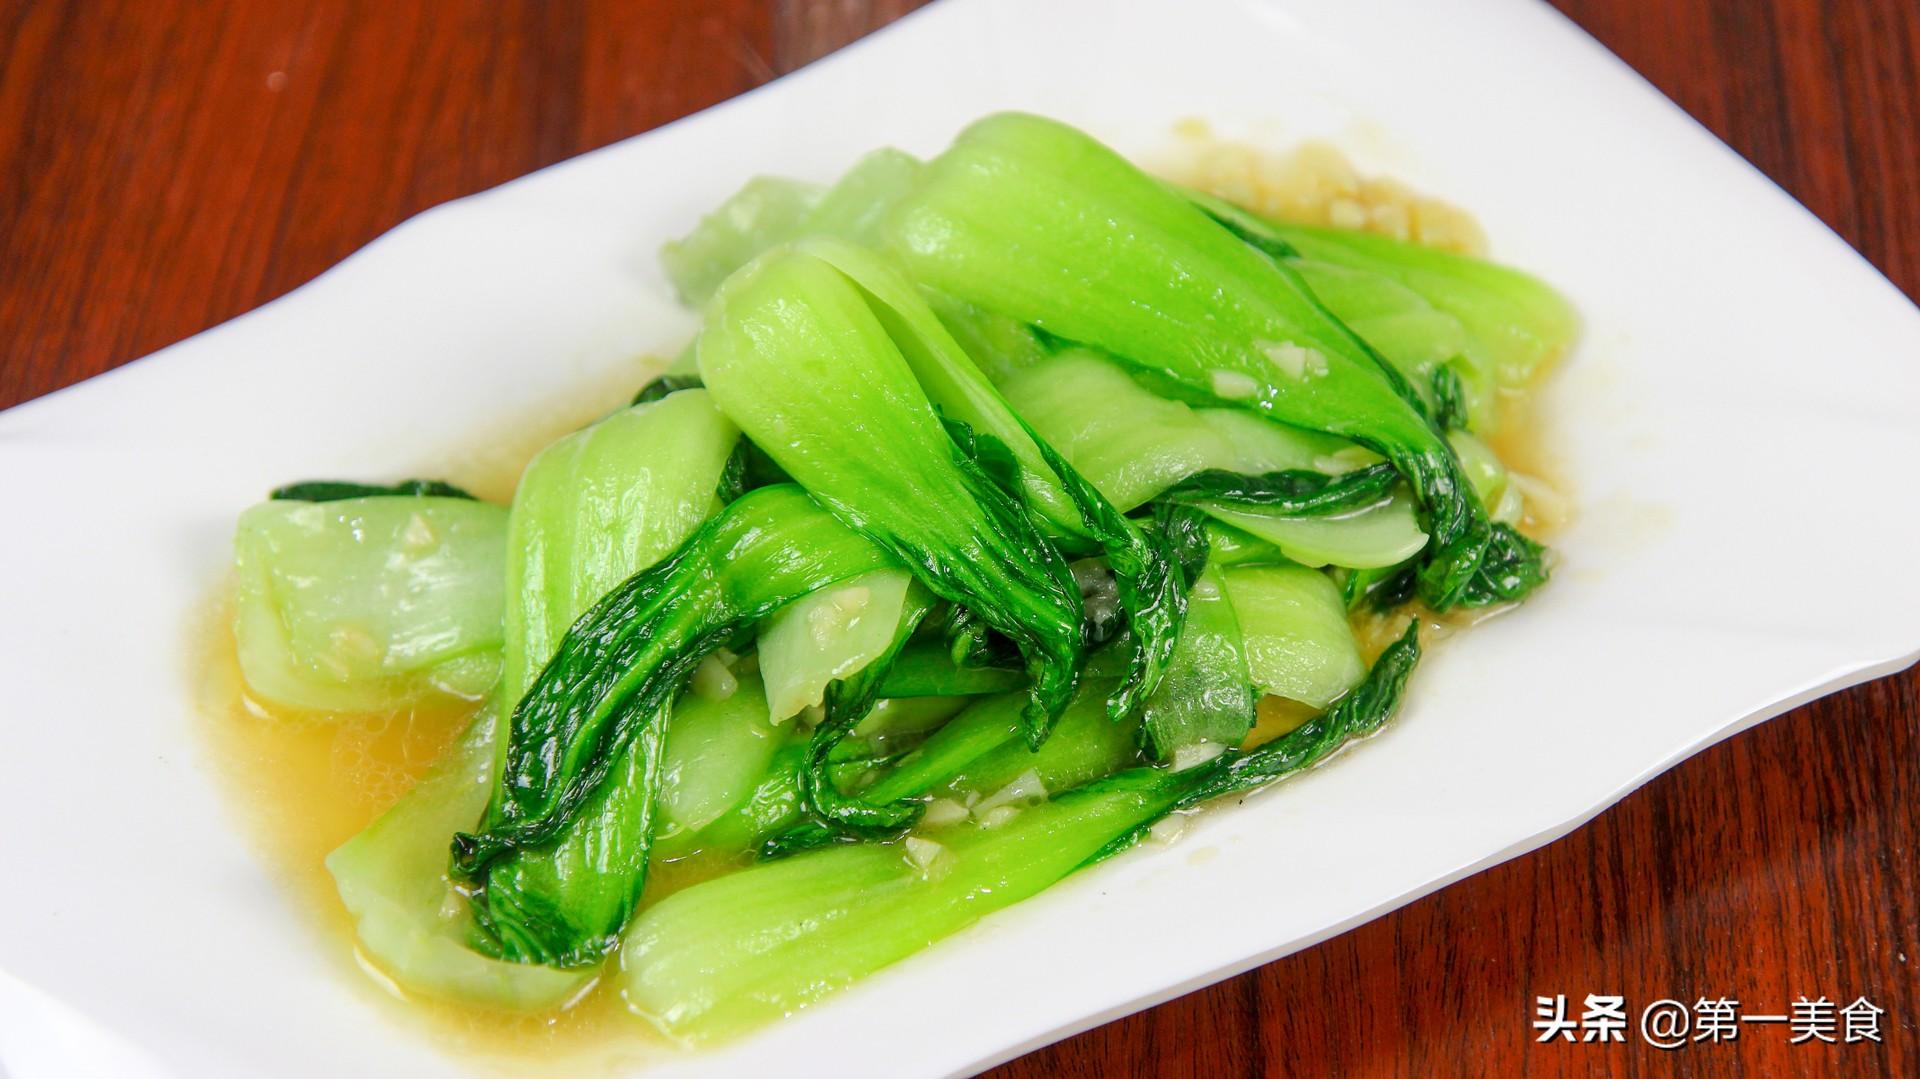 烧上海青家常做法,色泽鲜亮不变色,营养丰富,方法简单又实用 美食做法 第7张